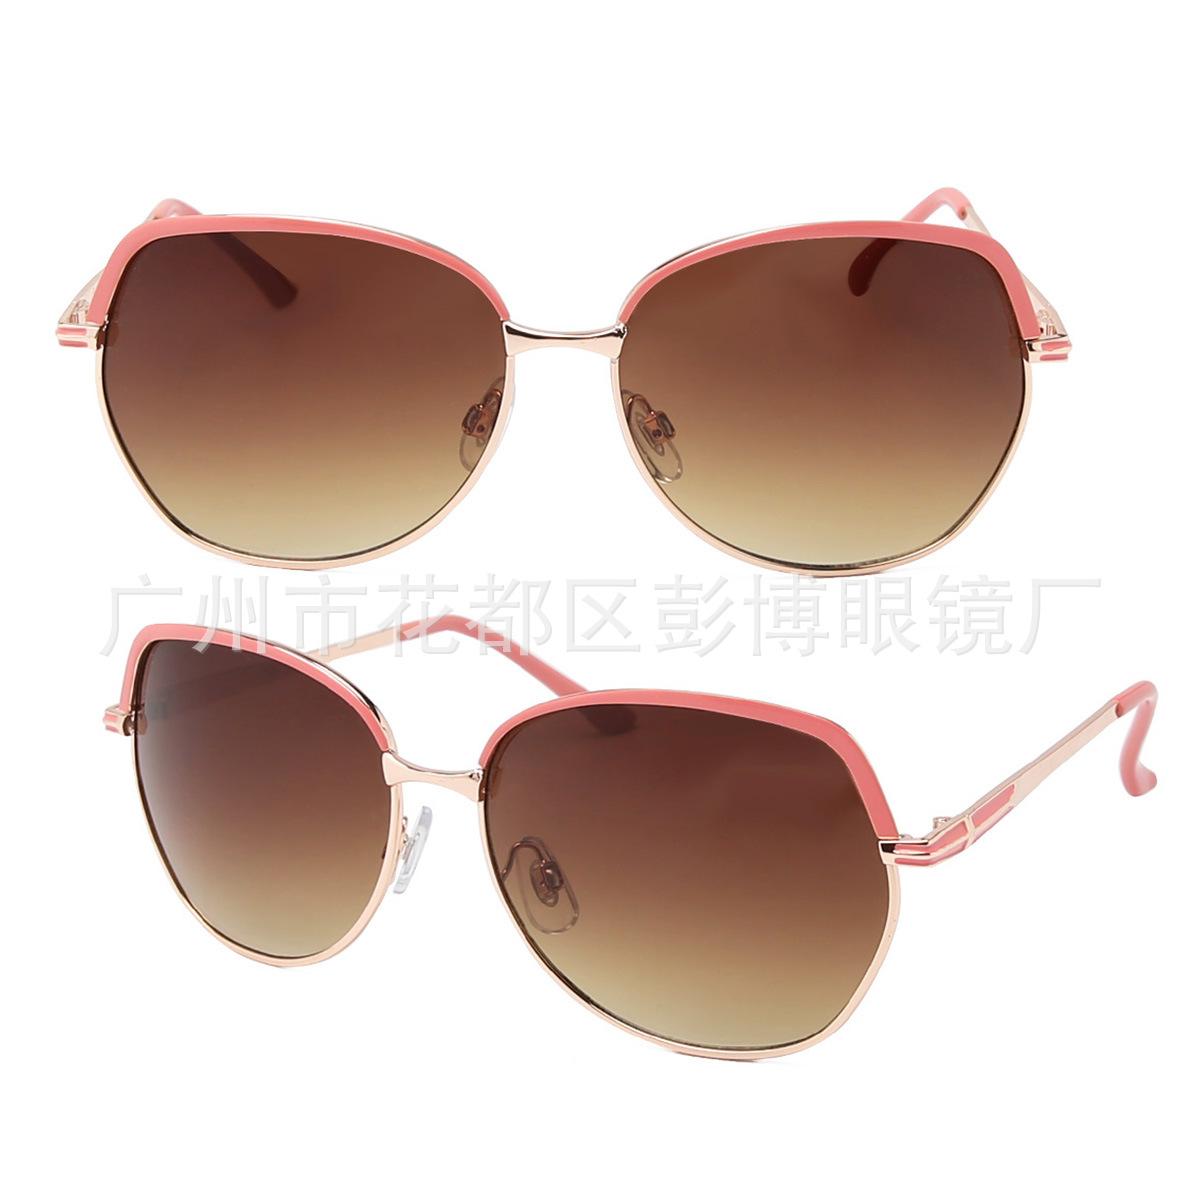 男女蛤蟆镜 fashion polarized  specs 流行偏光眼镜 钓鱼看漂镜